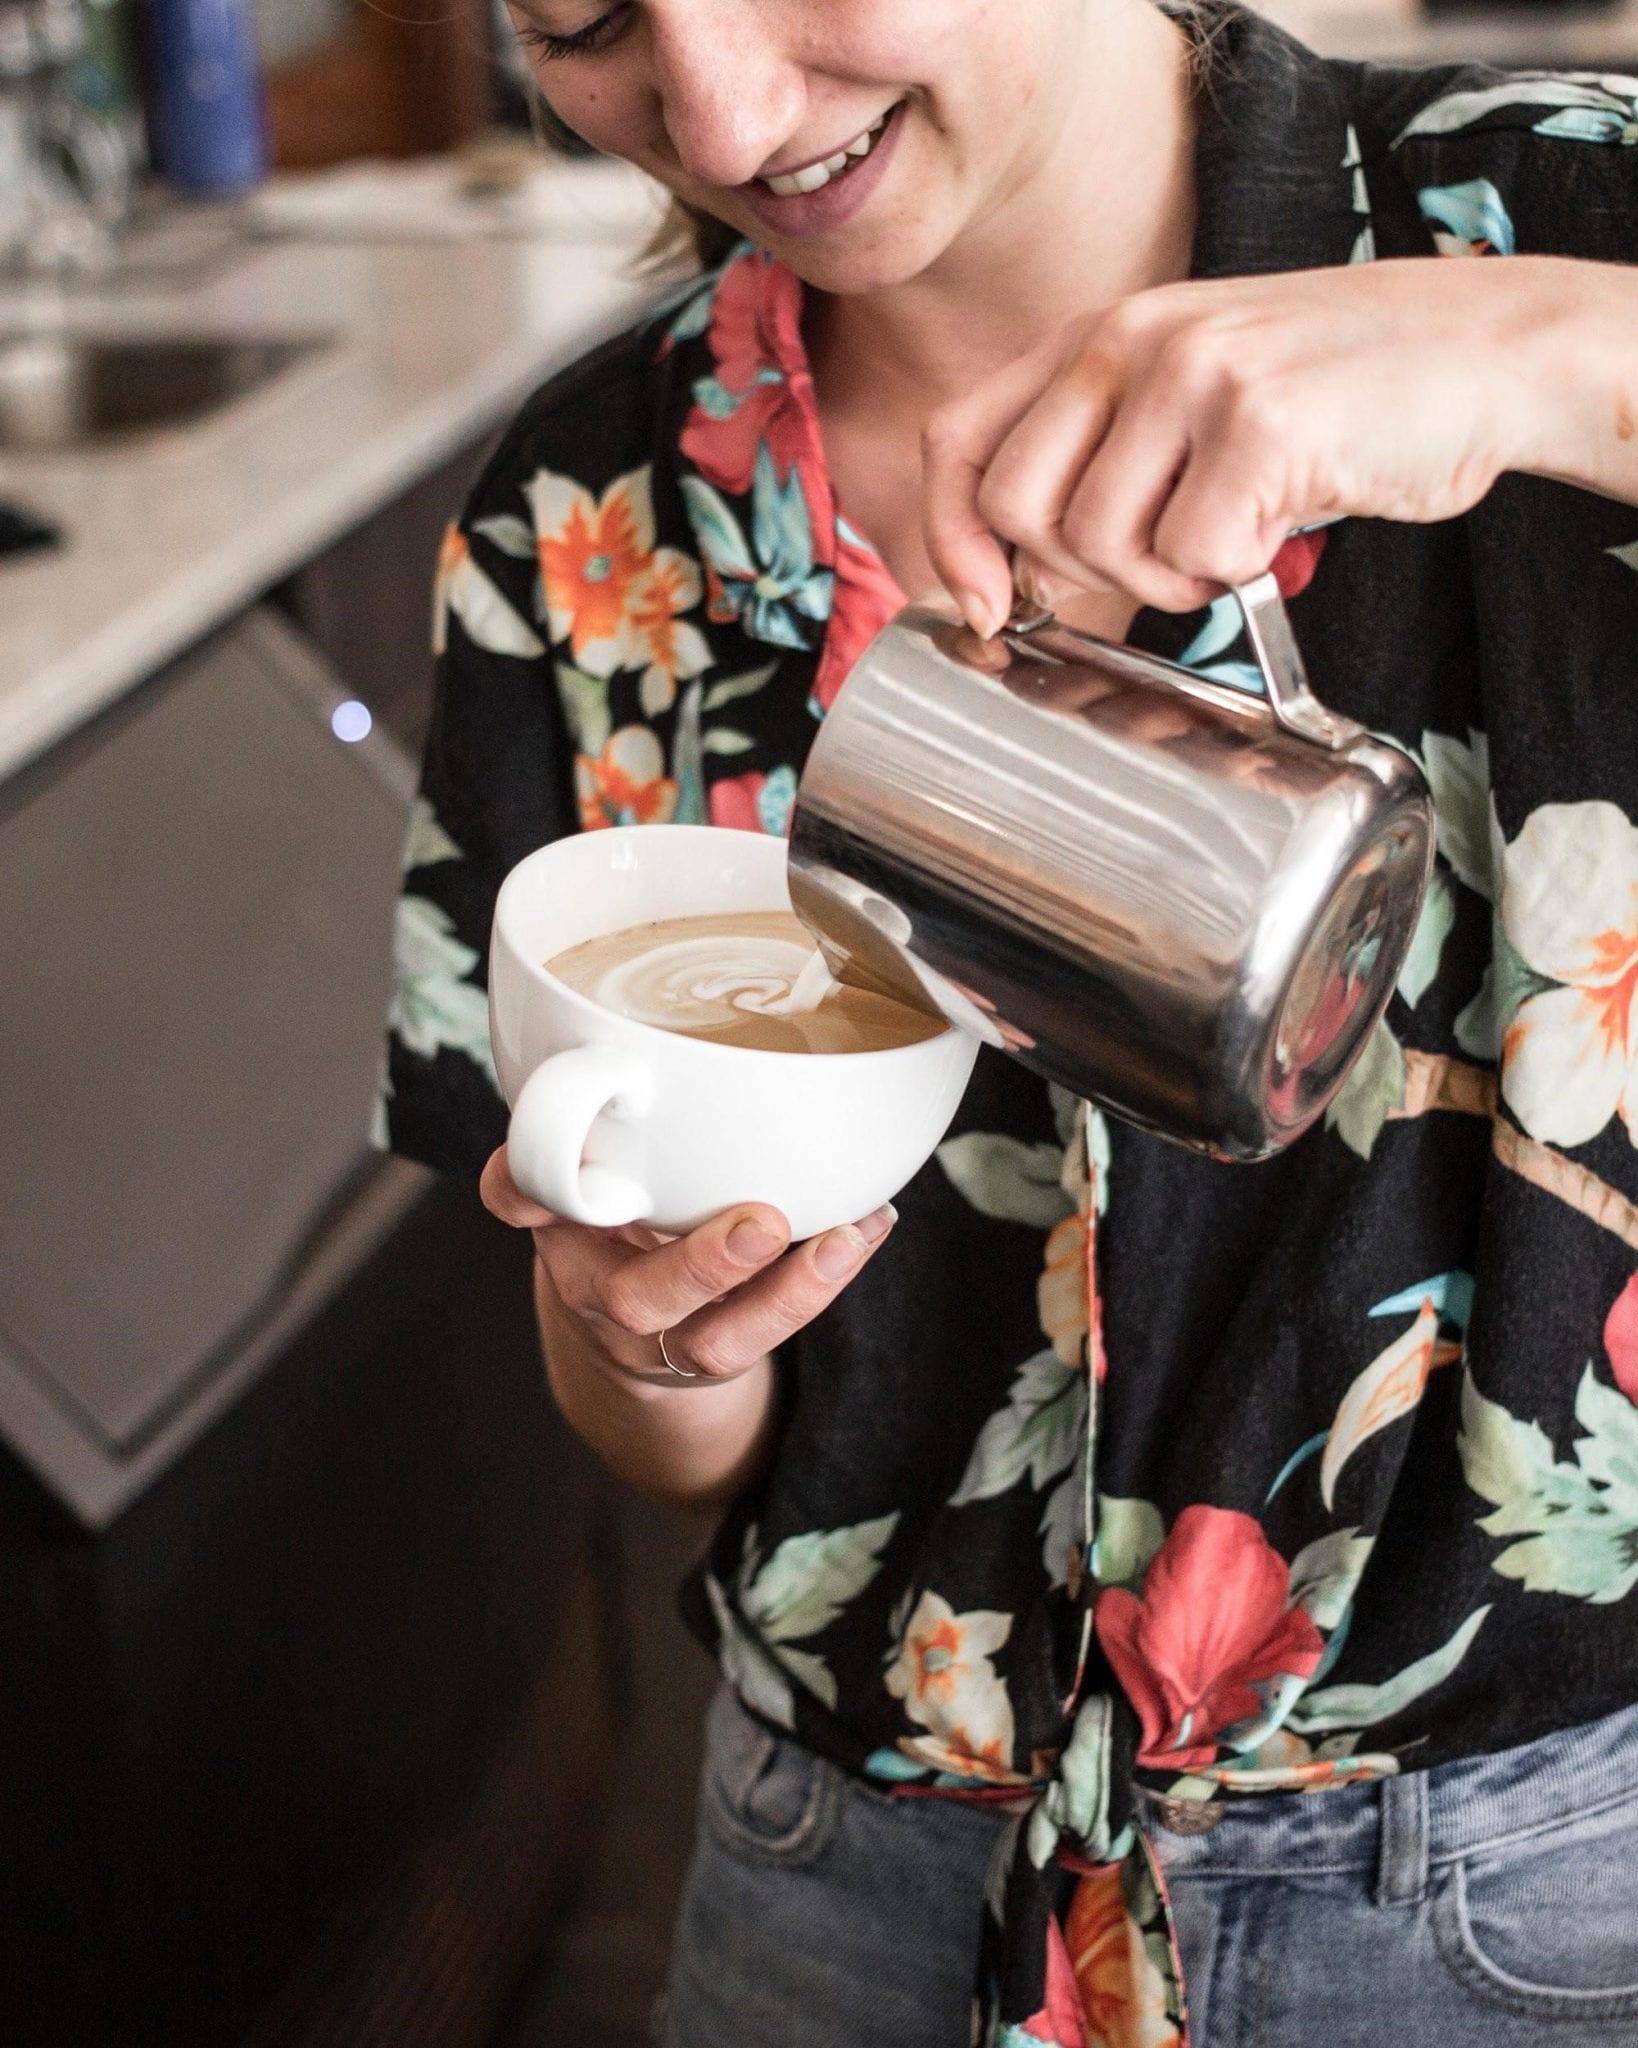 verter latte art